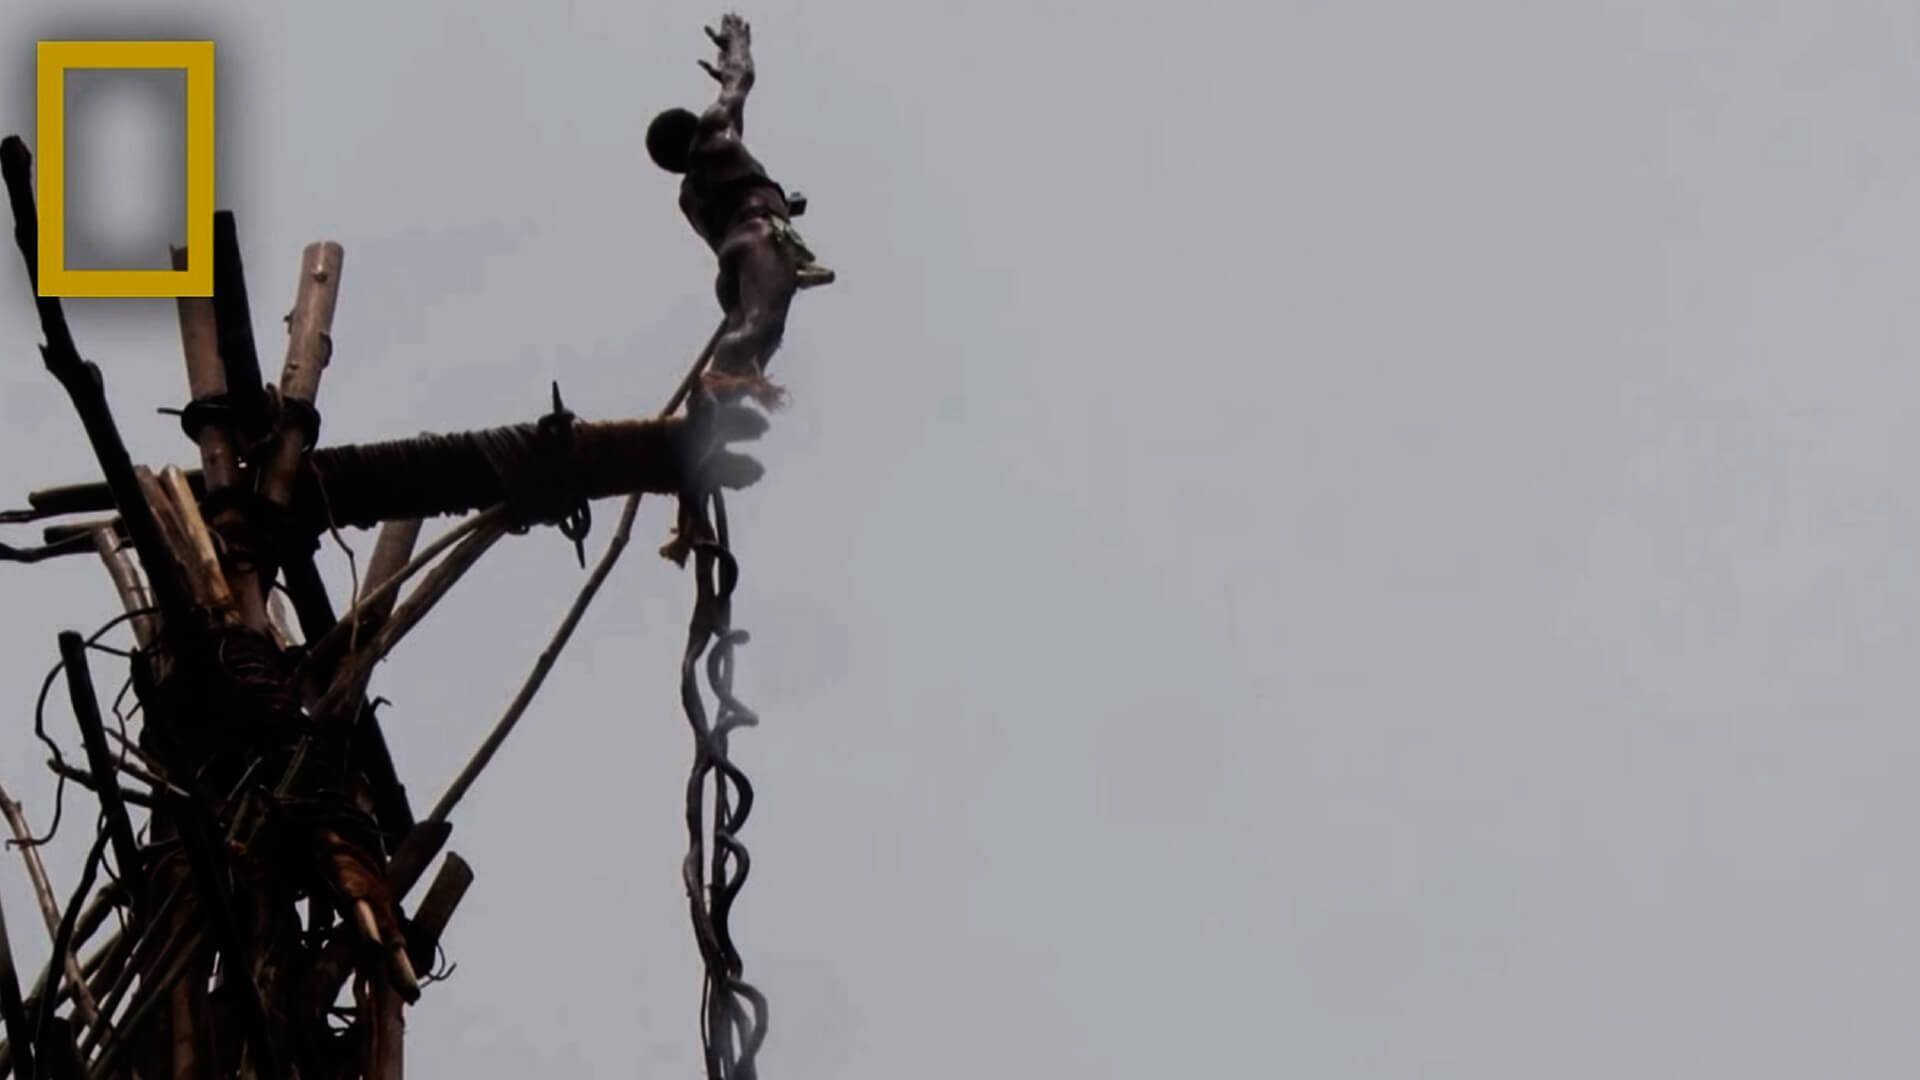 Imagem de um homem que pertence a tribo Bunlap saltando de uma estrutura feita de madeira e com cipós amarrados em seus pés. Este é um ritual da tribo.